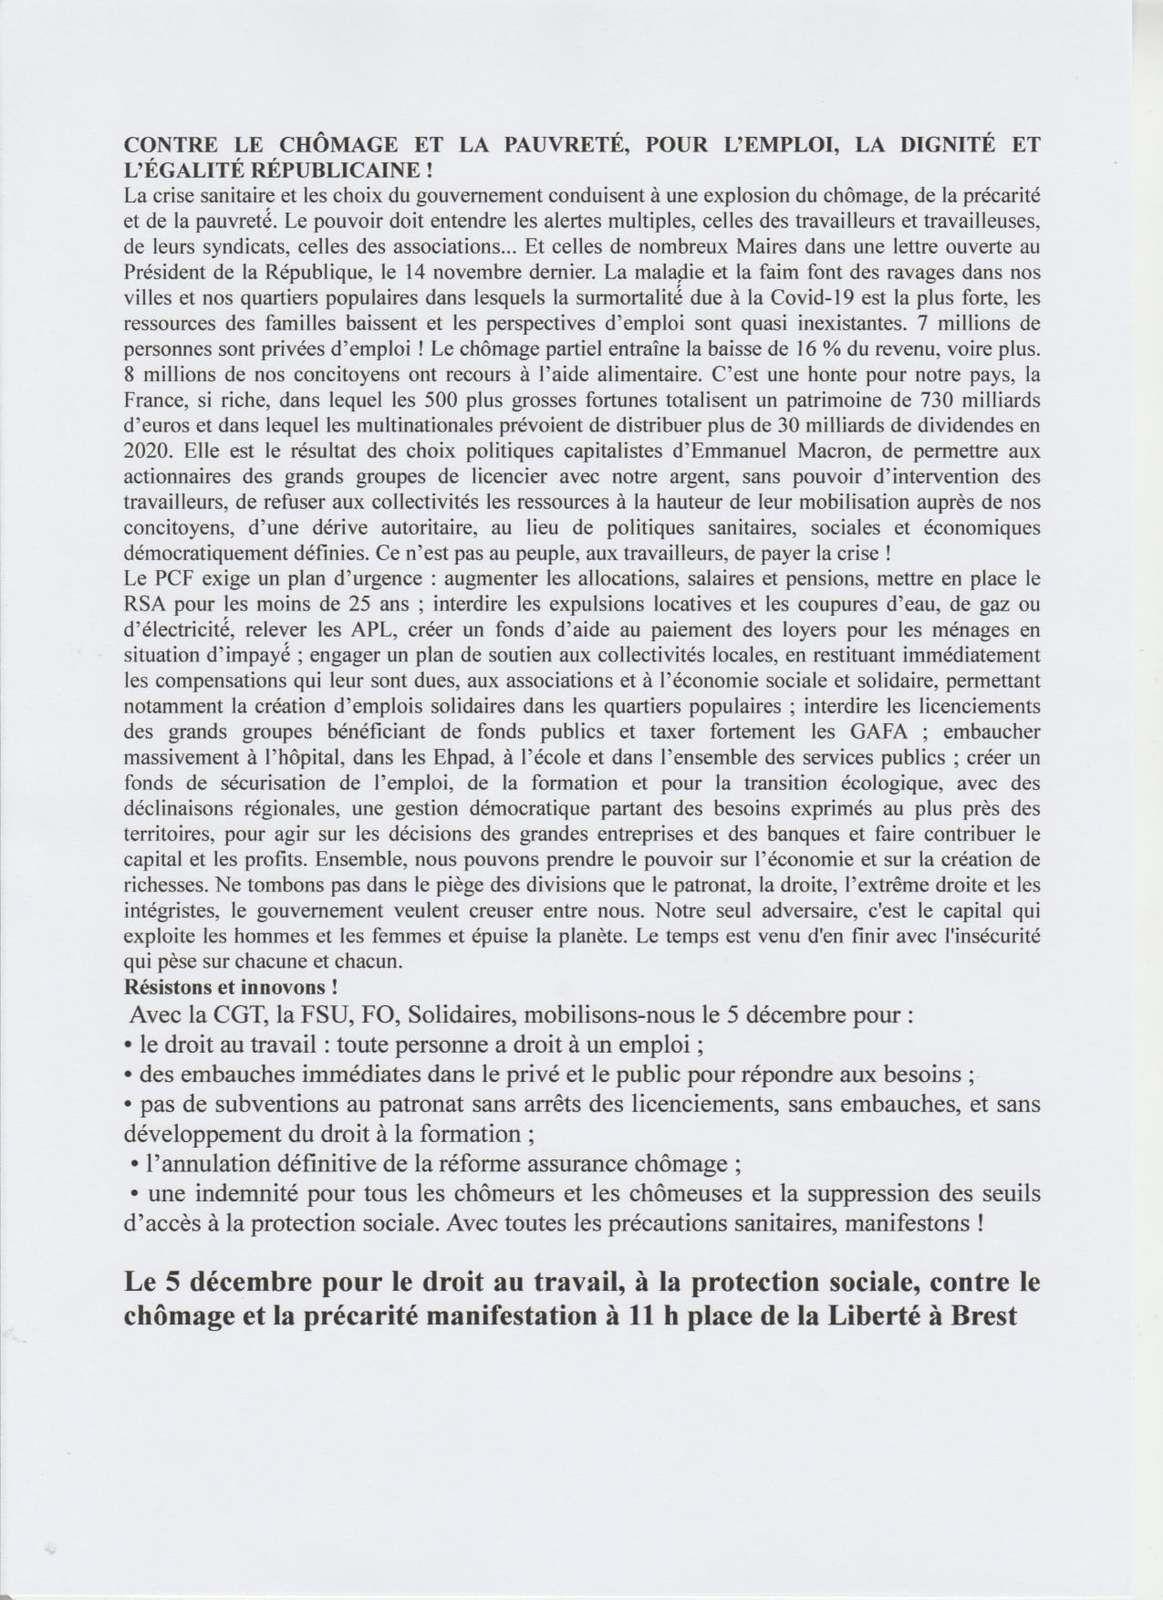 Parole communiste, décembre 2020 - Le journal de la section PCF pays de Brest